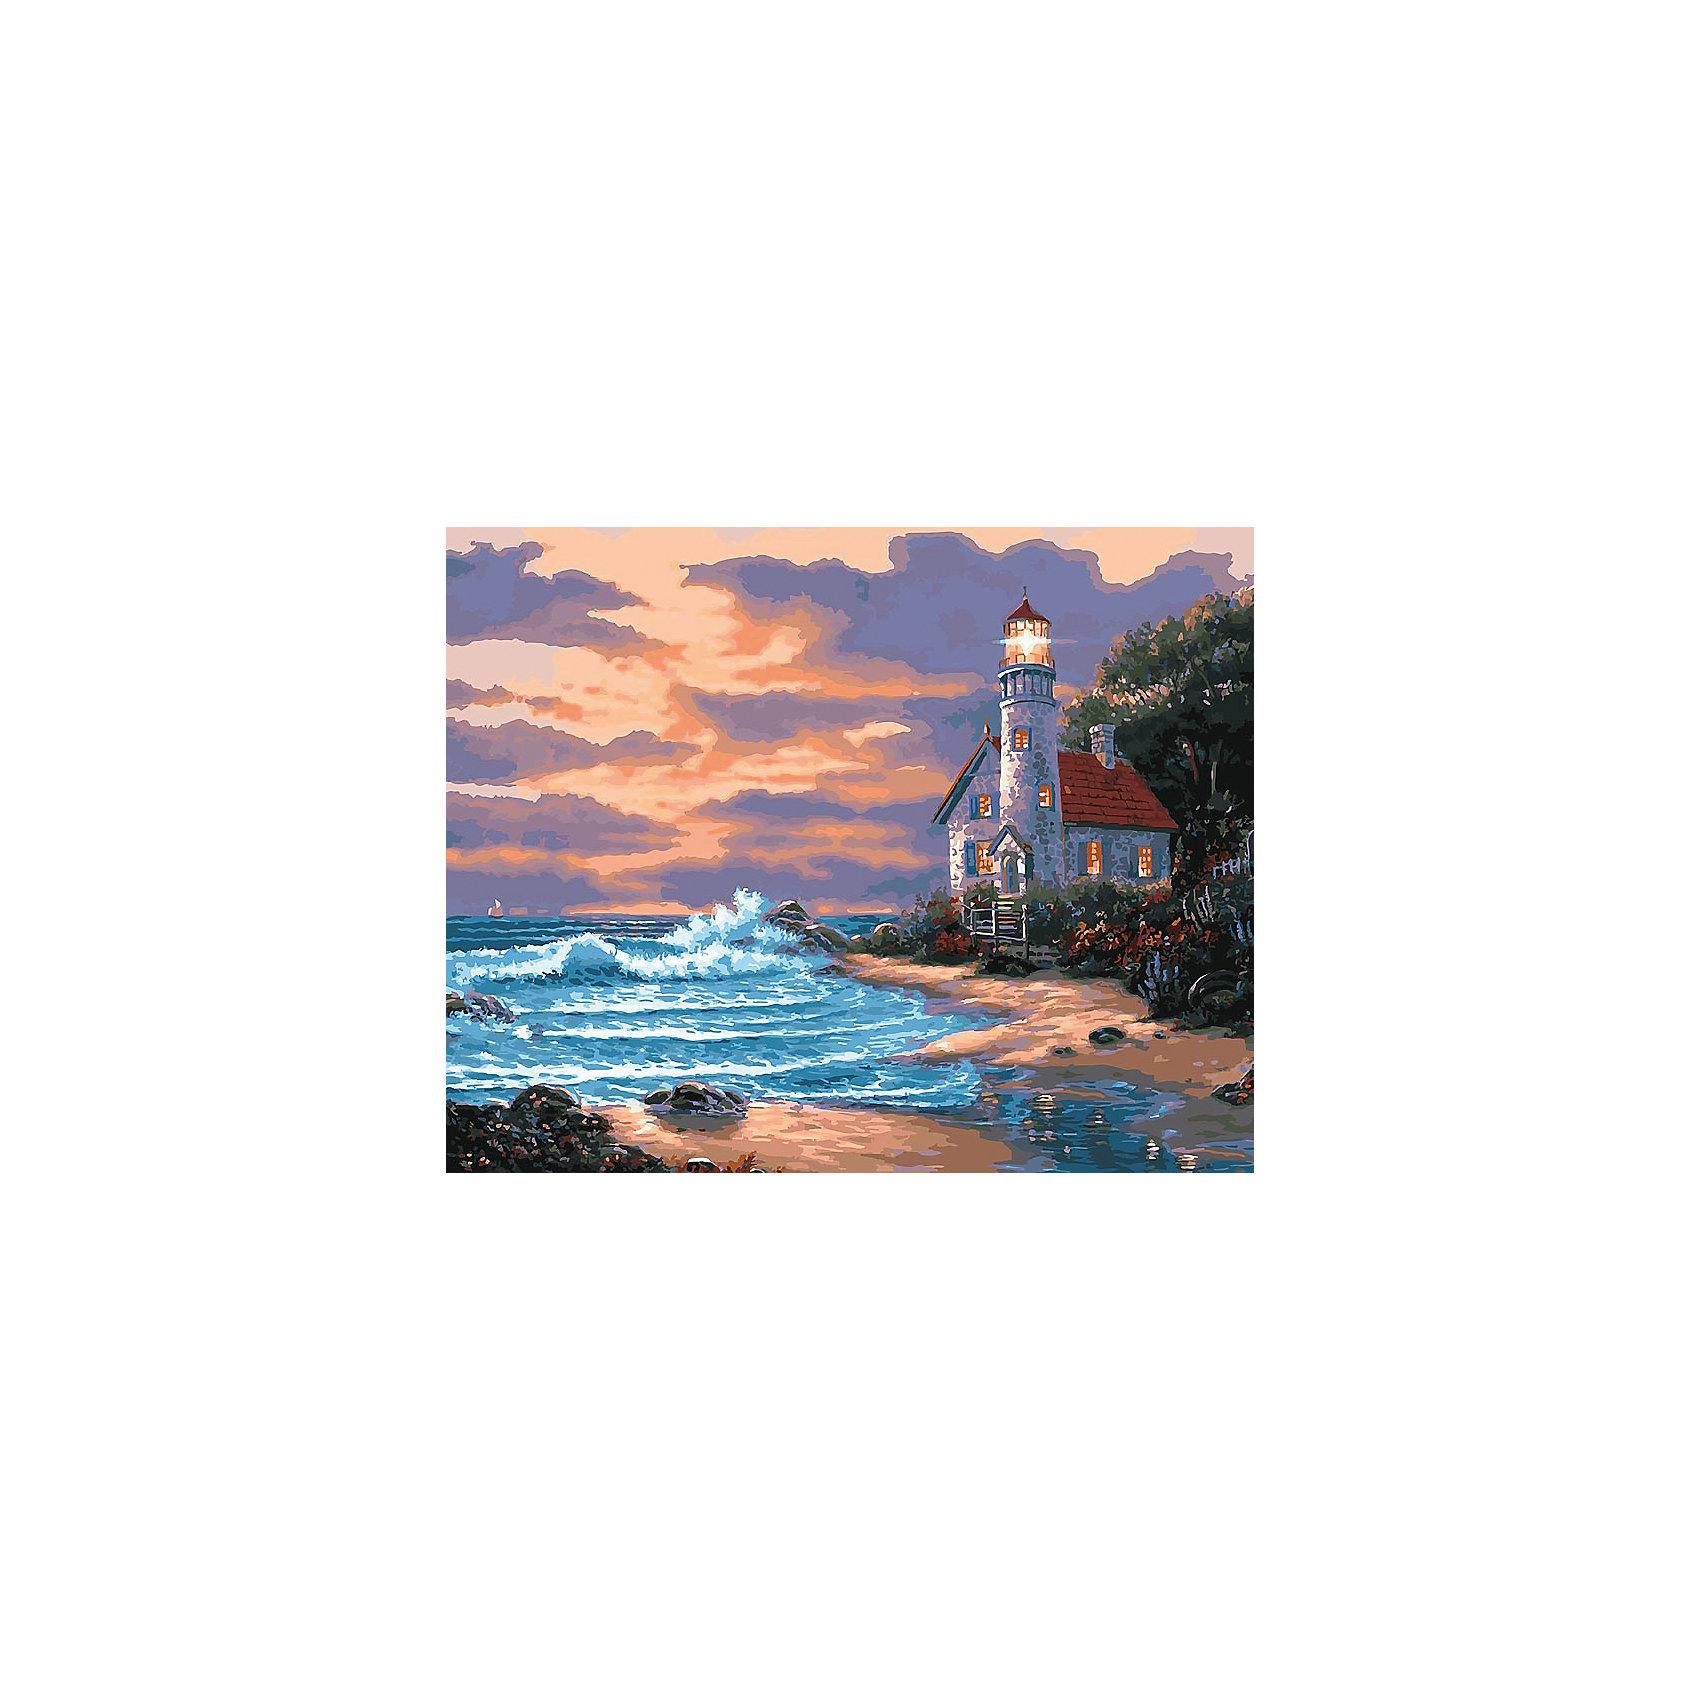 Живопись на холсте 40*50 см Дом с маякомРисование<br>Характеристики товара:<br><br>• цвет: разноцветный<br>• материал: акрил, картон<br>• размер: 50 x 40 см<br>• комплектация: полотно на подрамнике с контурами рисунка, пробный лист с рисунком, набор акриловых красок, три кисти, крепление на стену для картины<br>• для детей от шести лет и взрослых<br>• не требует специальных навыков<br>• страна бренда: Китай<br>• страна изготовитель: Китай<br><br>Такой набор станет отличным подарком и для взрослого, и для ребенка! Рисование помогает развить различные навыки и просто приносит удовольствие! Чтобы вселить в ребенка уверенность в своих силах, можно предложить ему этот набор - в нем уже есть сюжет, контуры рисунка и участки с номерами, которые обозначают определенную краску из набора. Все оттенки уже готовы, задача художника - аккуратно, с помощью кисточек из набора, нанести краски на определенный участок полотна.<br>Взрослым также понравится этот процесс, рисовать можно и вместе с малышом! В итоге получается красивая картина, которой можно украсить интерьер. Рисование способствует развитию мелкой моторики, воображения, цветовосприятия, творческих способностей и усидчивости. Набор отлично проработан, сделан из качественных и проверенных материалов, которые безопасны для детей. Краски - акриловые, они быстро сохнут и легко смываются с кожи.<br><br>Живопись на холсте 40*50 см Дом с маяком от торговой марки Белоснежка можно купить в нашем интернет-магазине.<br><br>Ширина мм: 510<br>Глубина мм: 410<br>Высота мм: 25<br>Вес г: 850<br>Возраст от месяцев: 72<br>Возраст до месяцев: 144<br>Пол: Унисекс<br>Возраст: Детский<br>SKU: 5089738